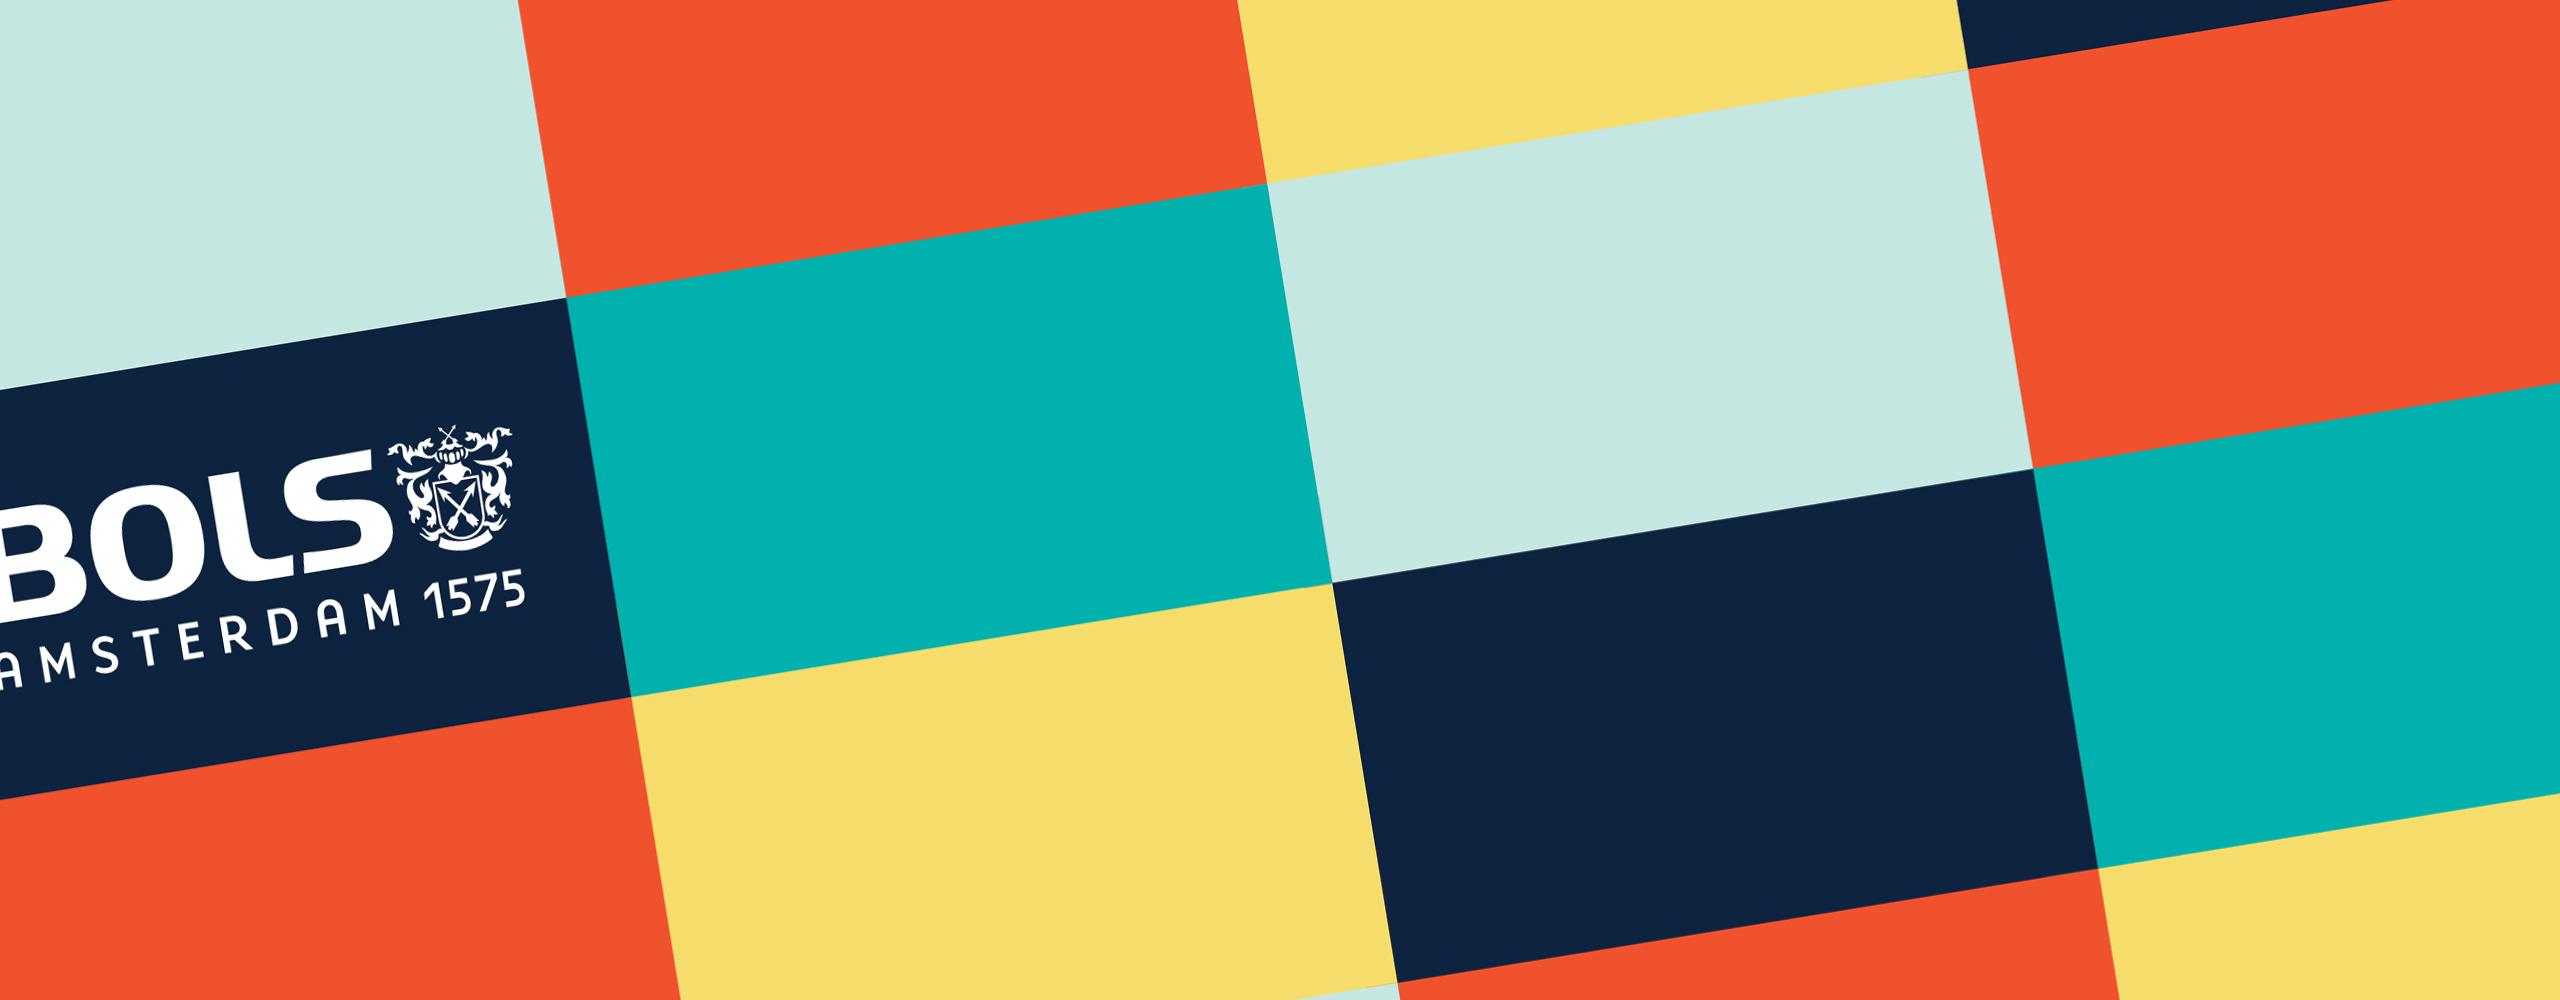 Banner for Lucas Bols Mini Bar Popup